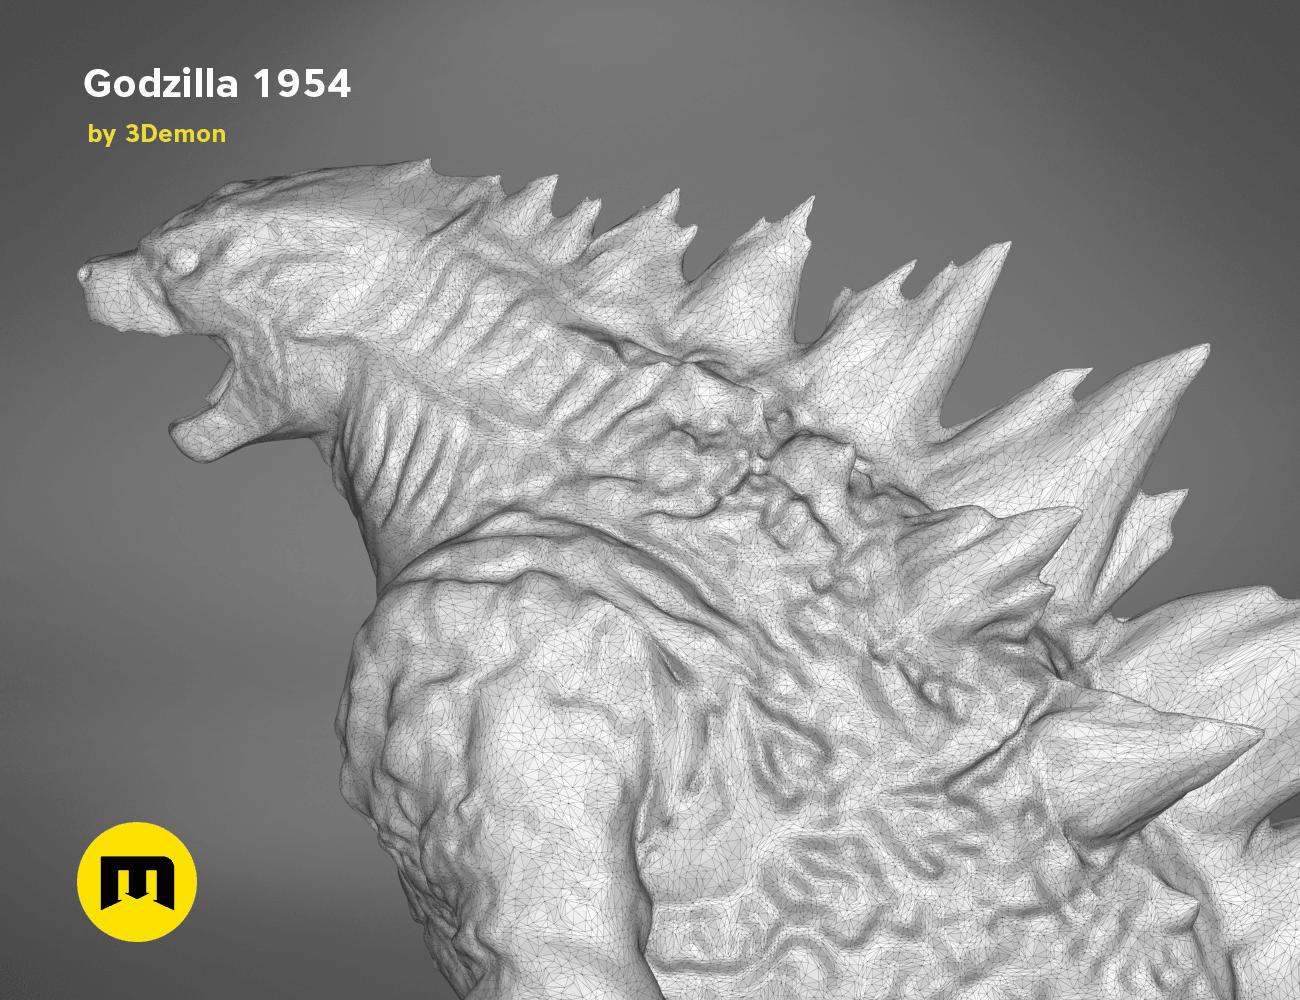 godzilla-black-japanese-detail2.203.png Télécharger fichier OBJ gratuit Godzilla 1954 figurine et ouvre-bouteille • Objet imprimable en 3D, 3D-mon